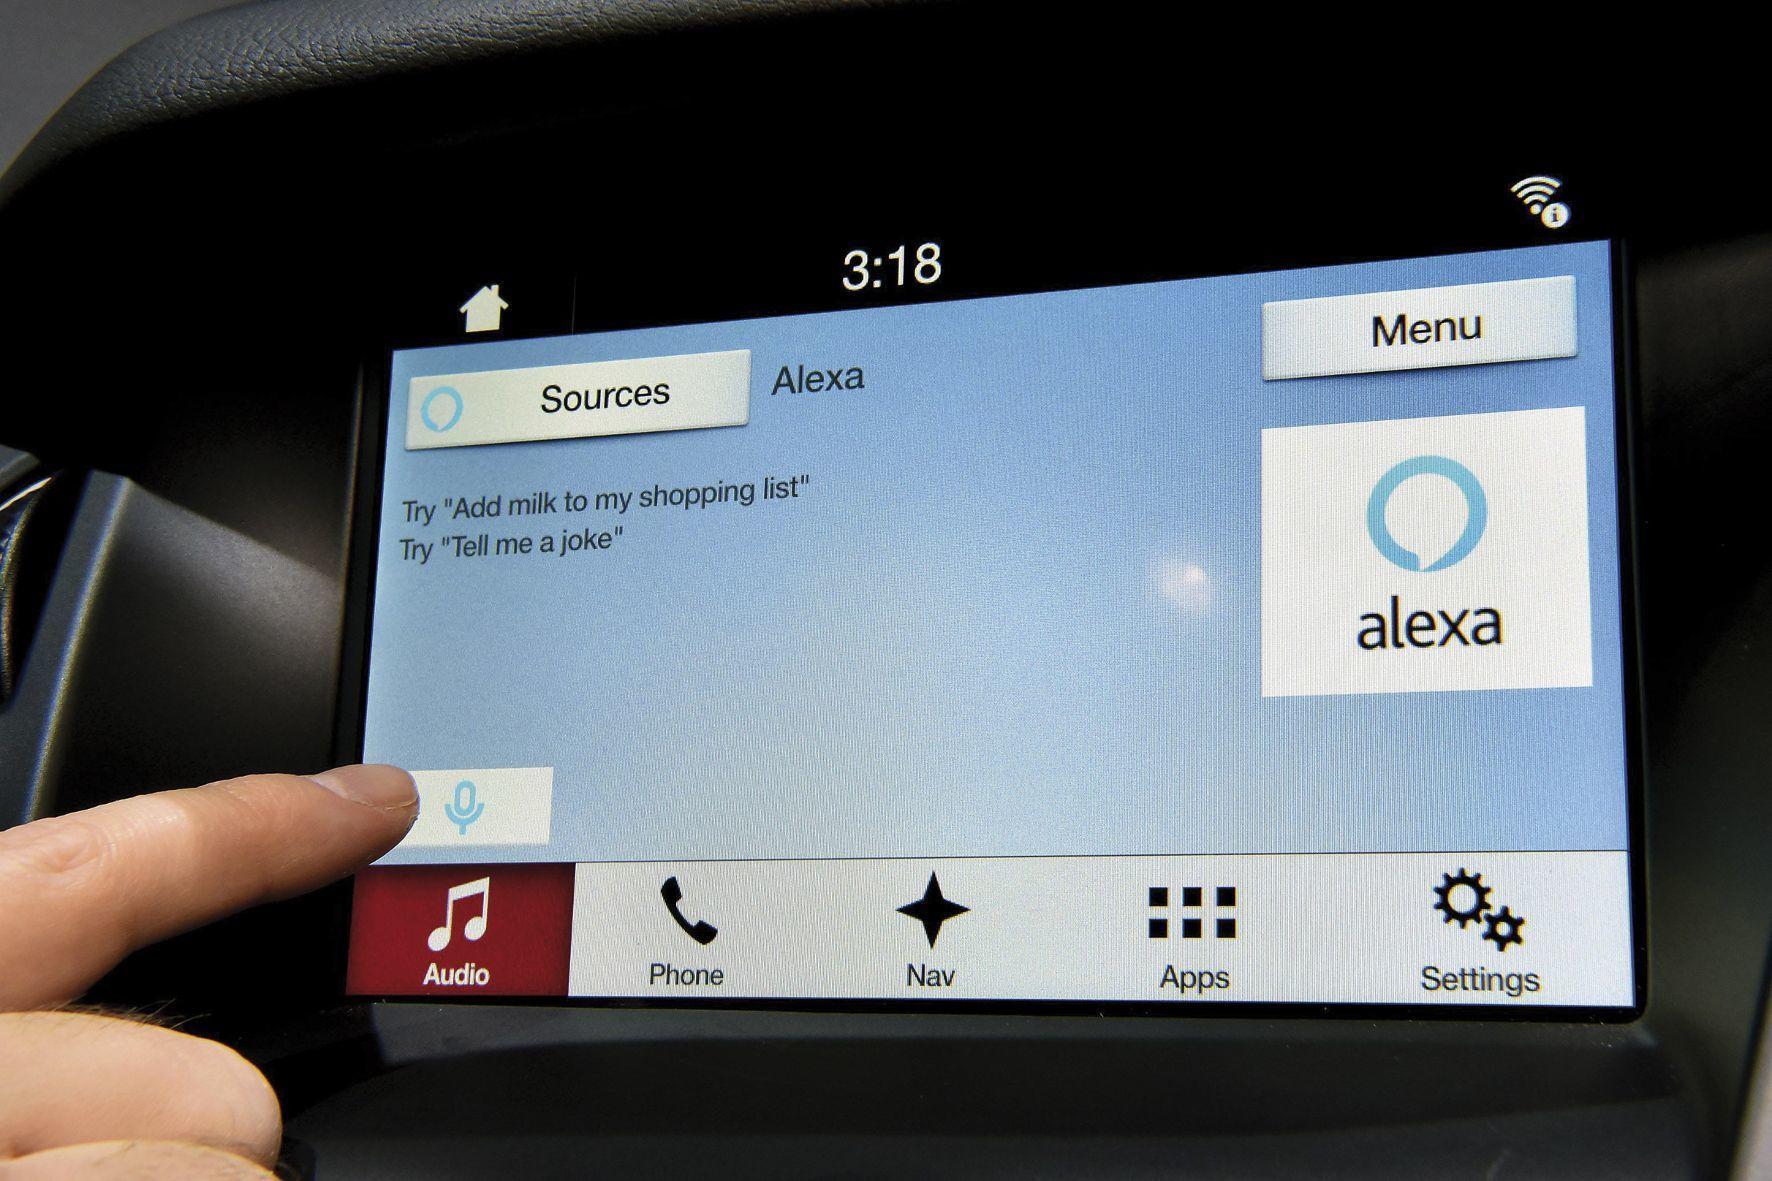 mid Groß-Gerau - Sprachbefehle sollen Kunden das mobile Shopping bei der Fahrt erleichtern.